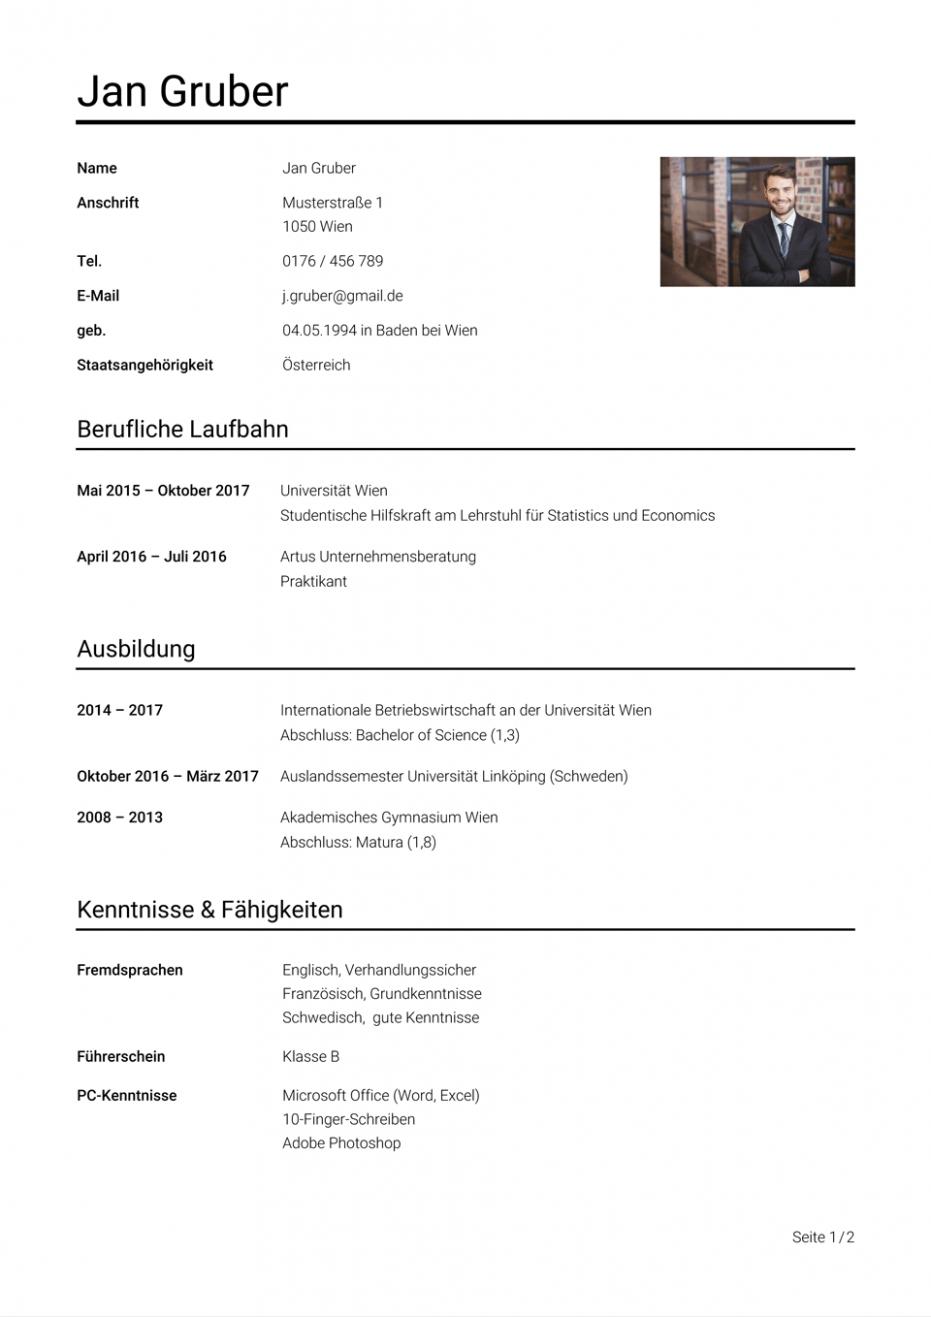 Lebenslauf Muster Osterreich In 2020 Inspiration Kitchen Design